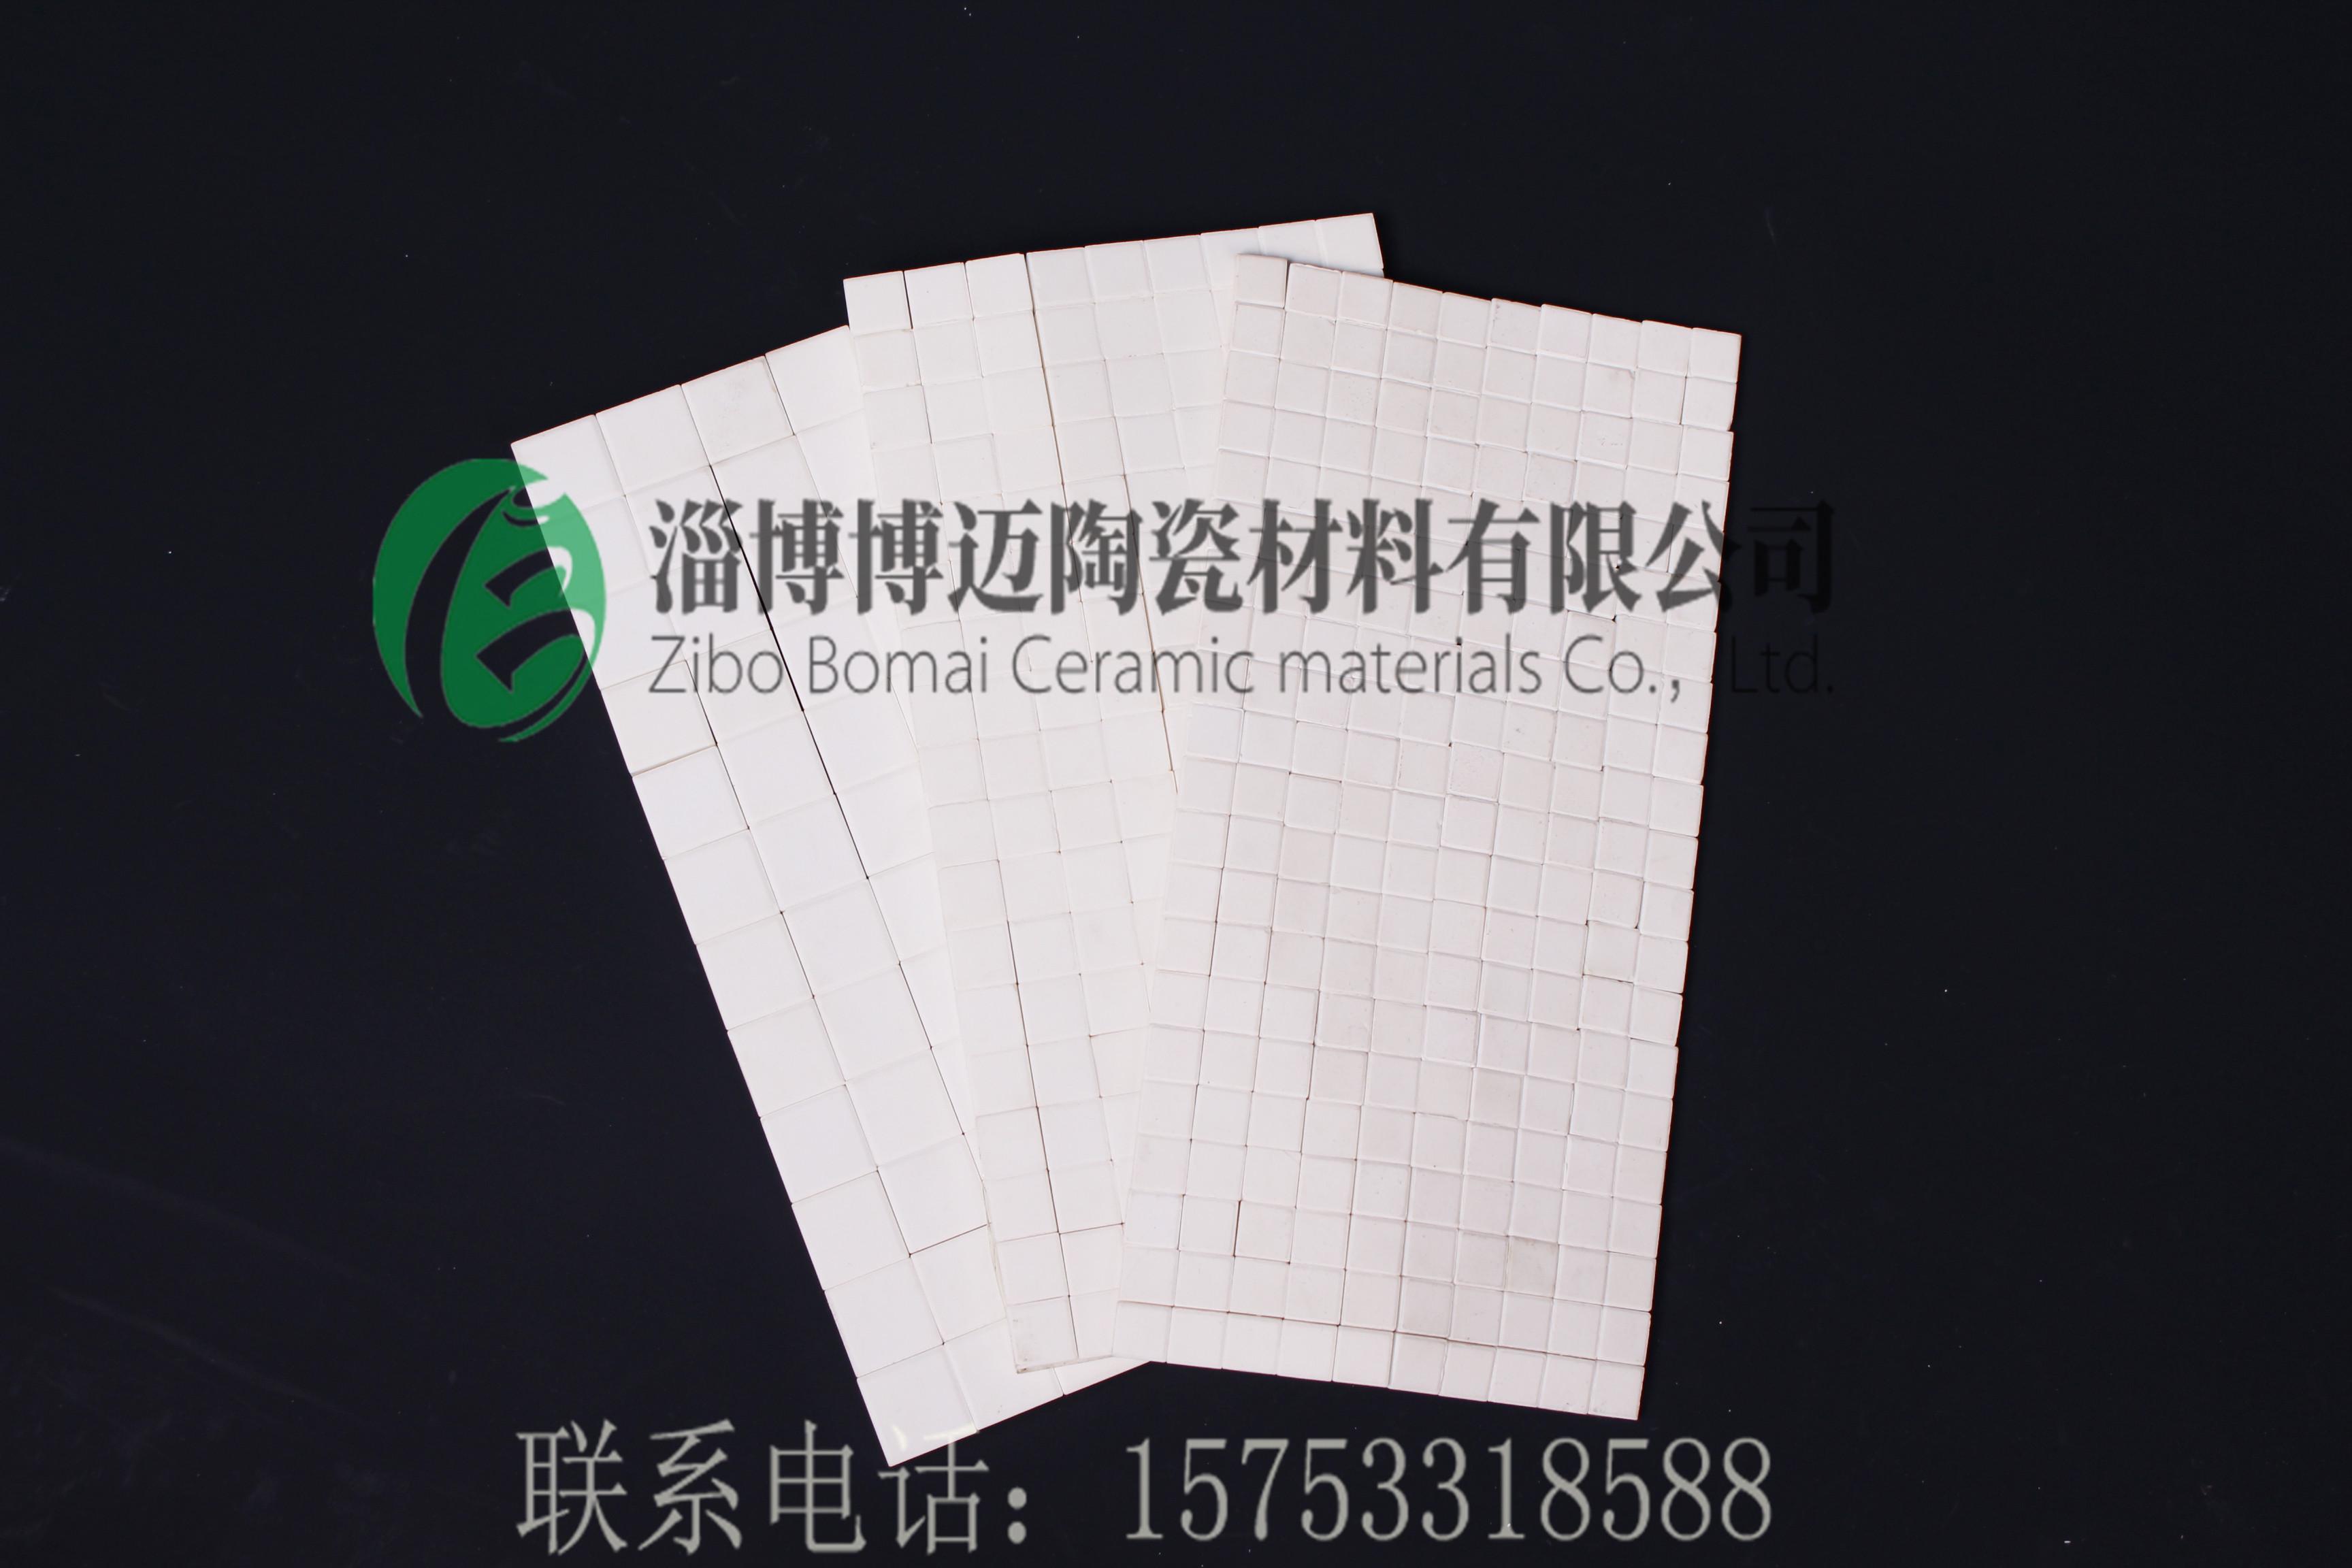 【推薦】博邁廠家直供丨耐磨氧化鋁襯片丨陶瓷馬賽克丨高鋁襯片